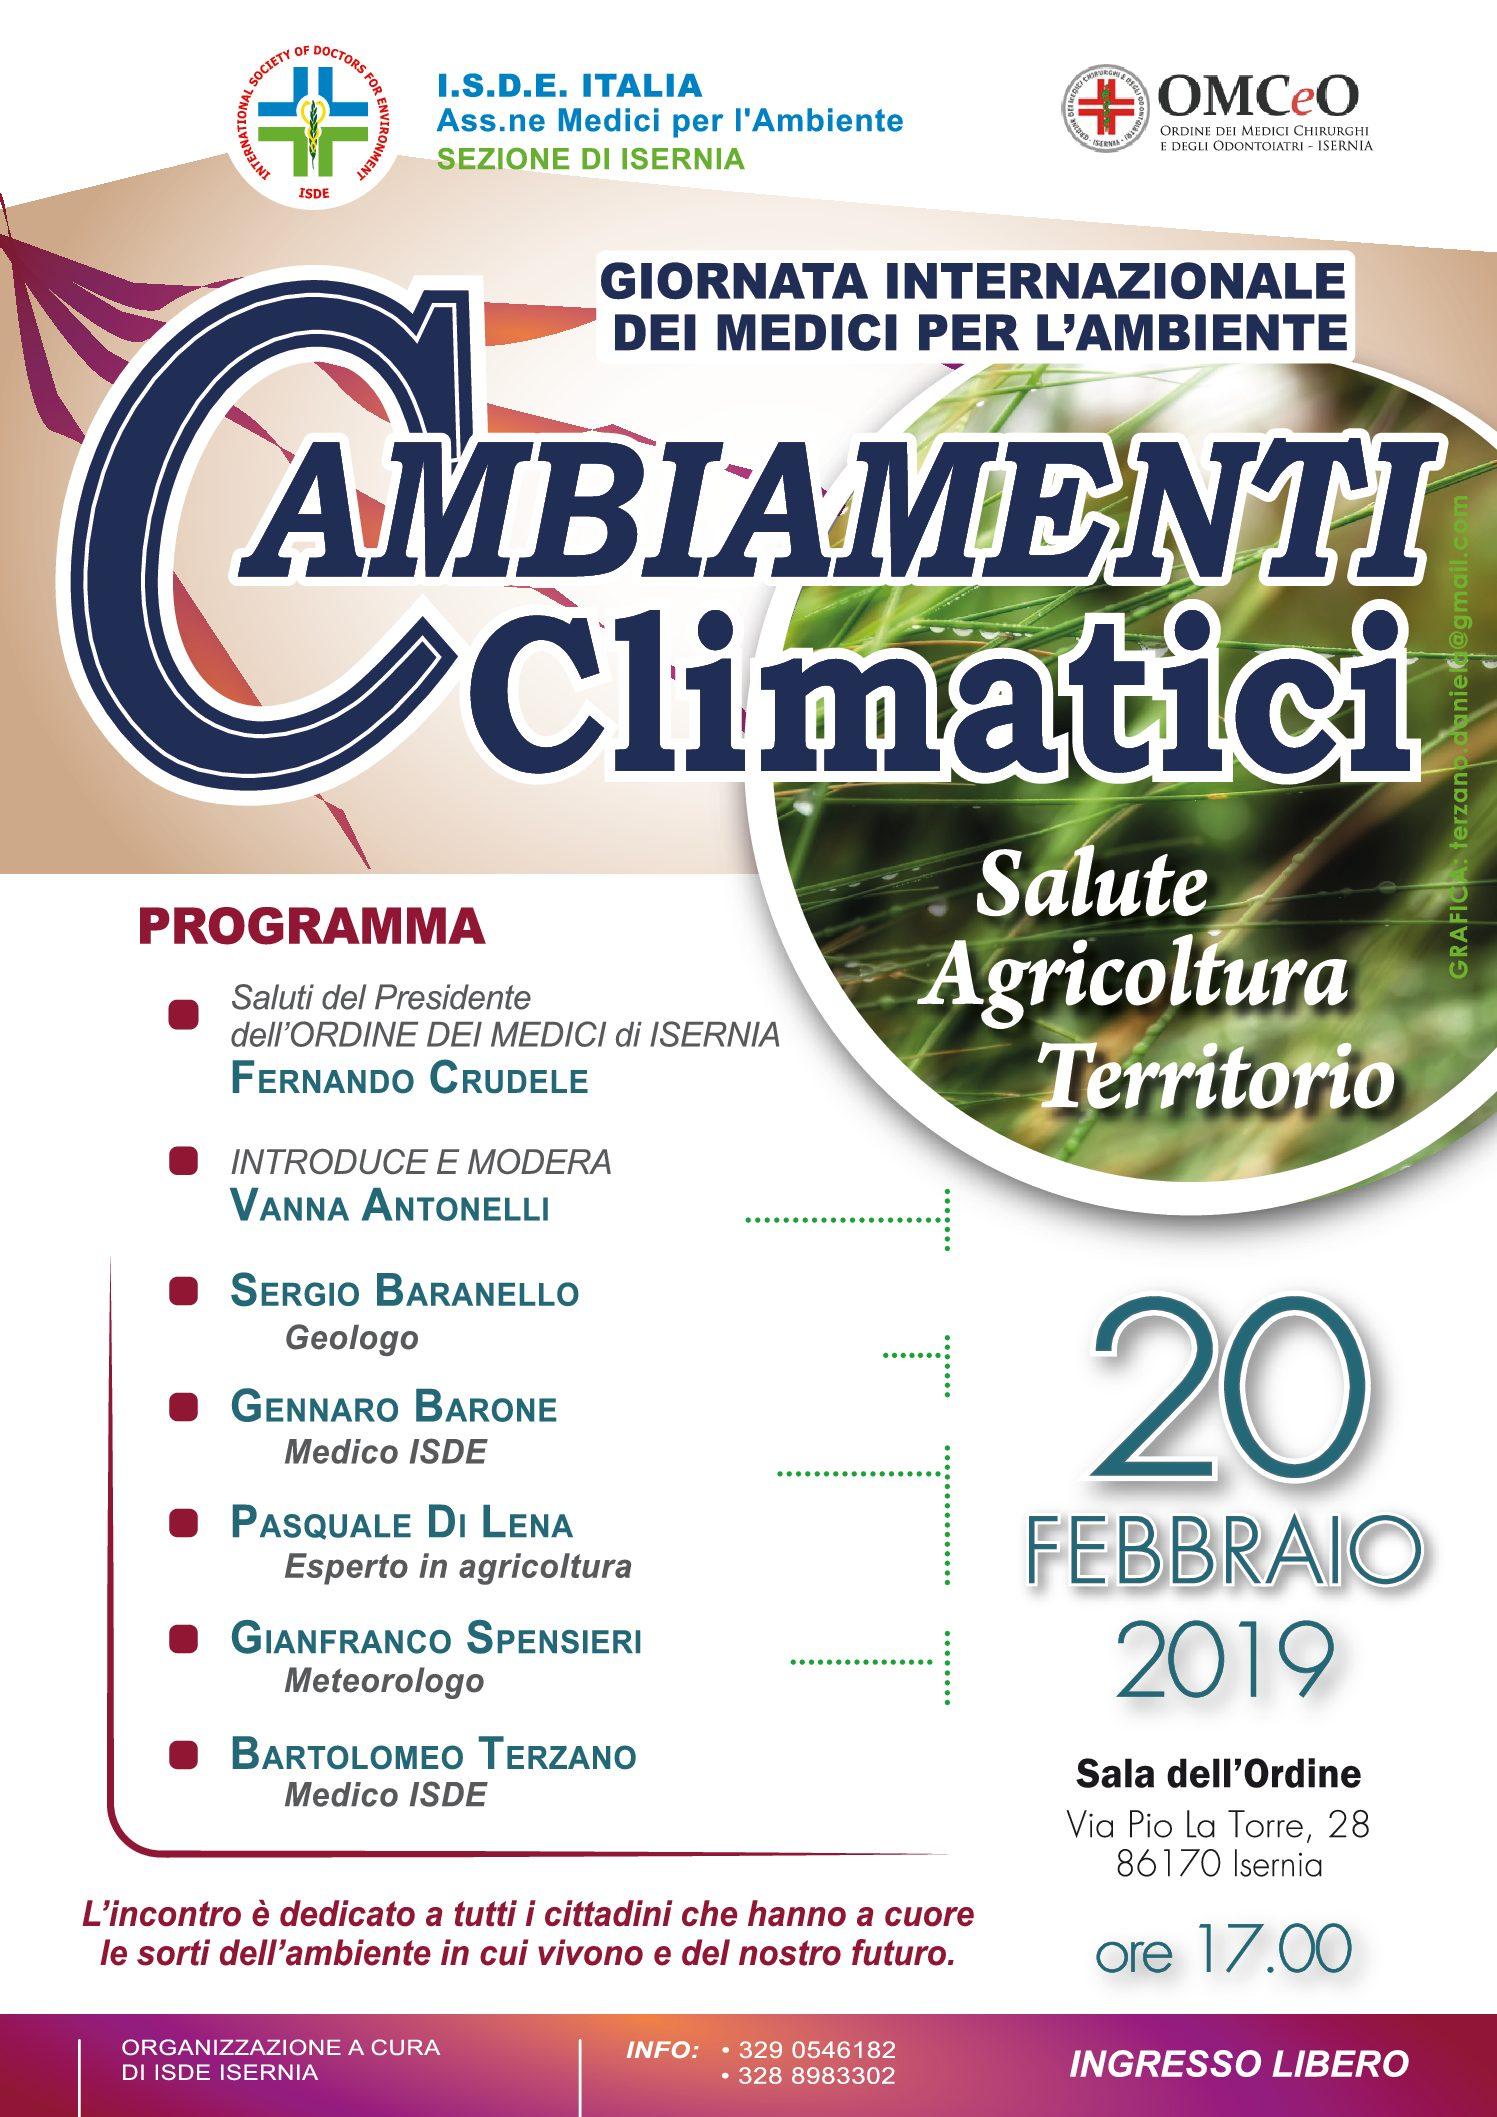 CAMBIAMENTI CLIMATICI-Salute, Agricoltura, Territorio